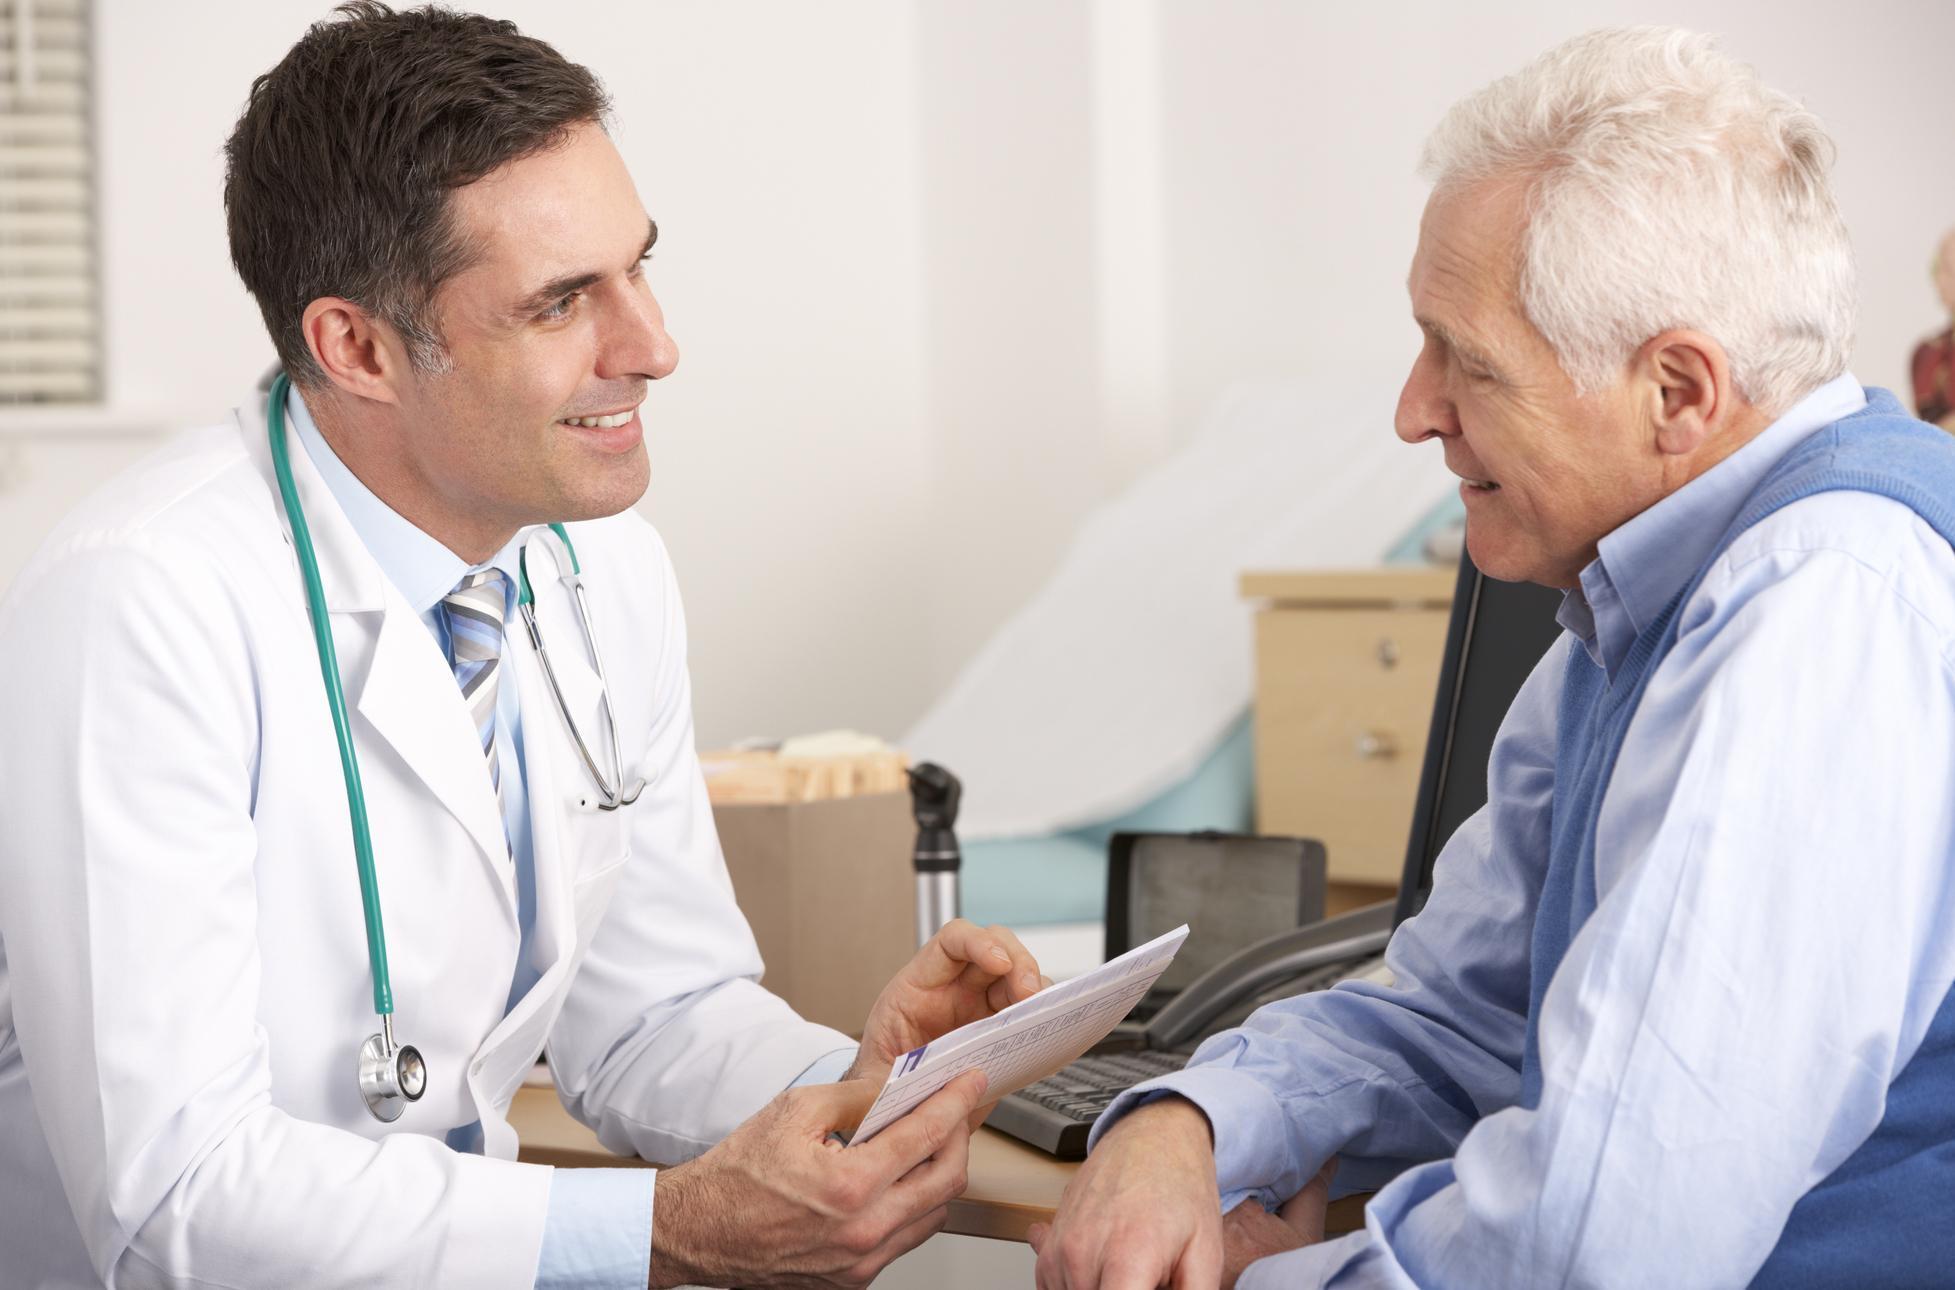 Smiling marijuana doctor talking to an older man.